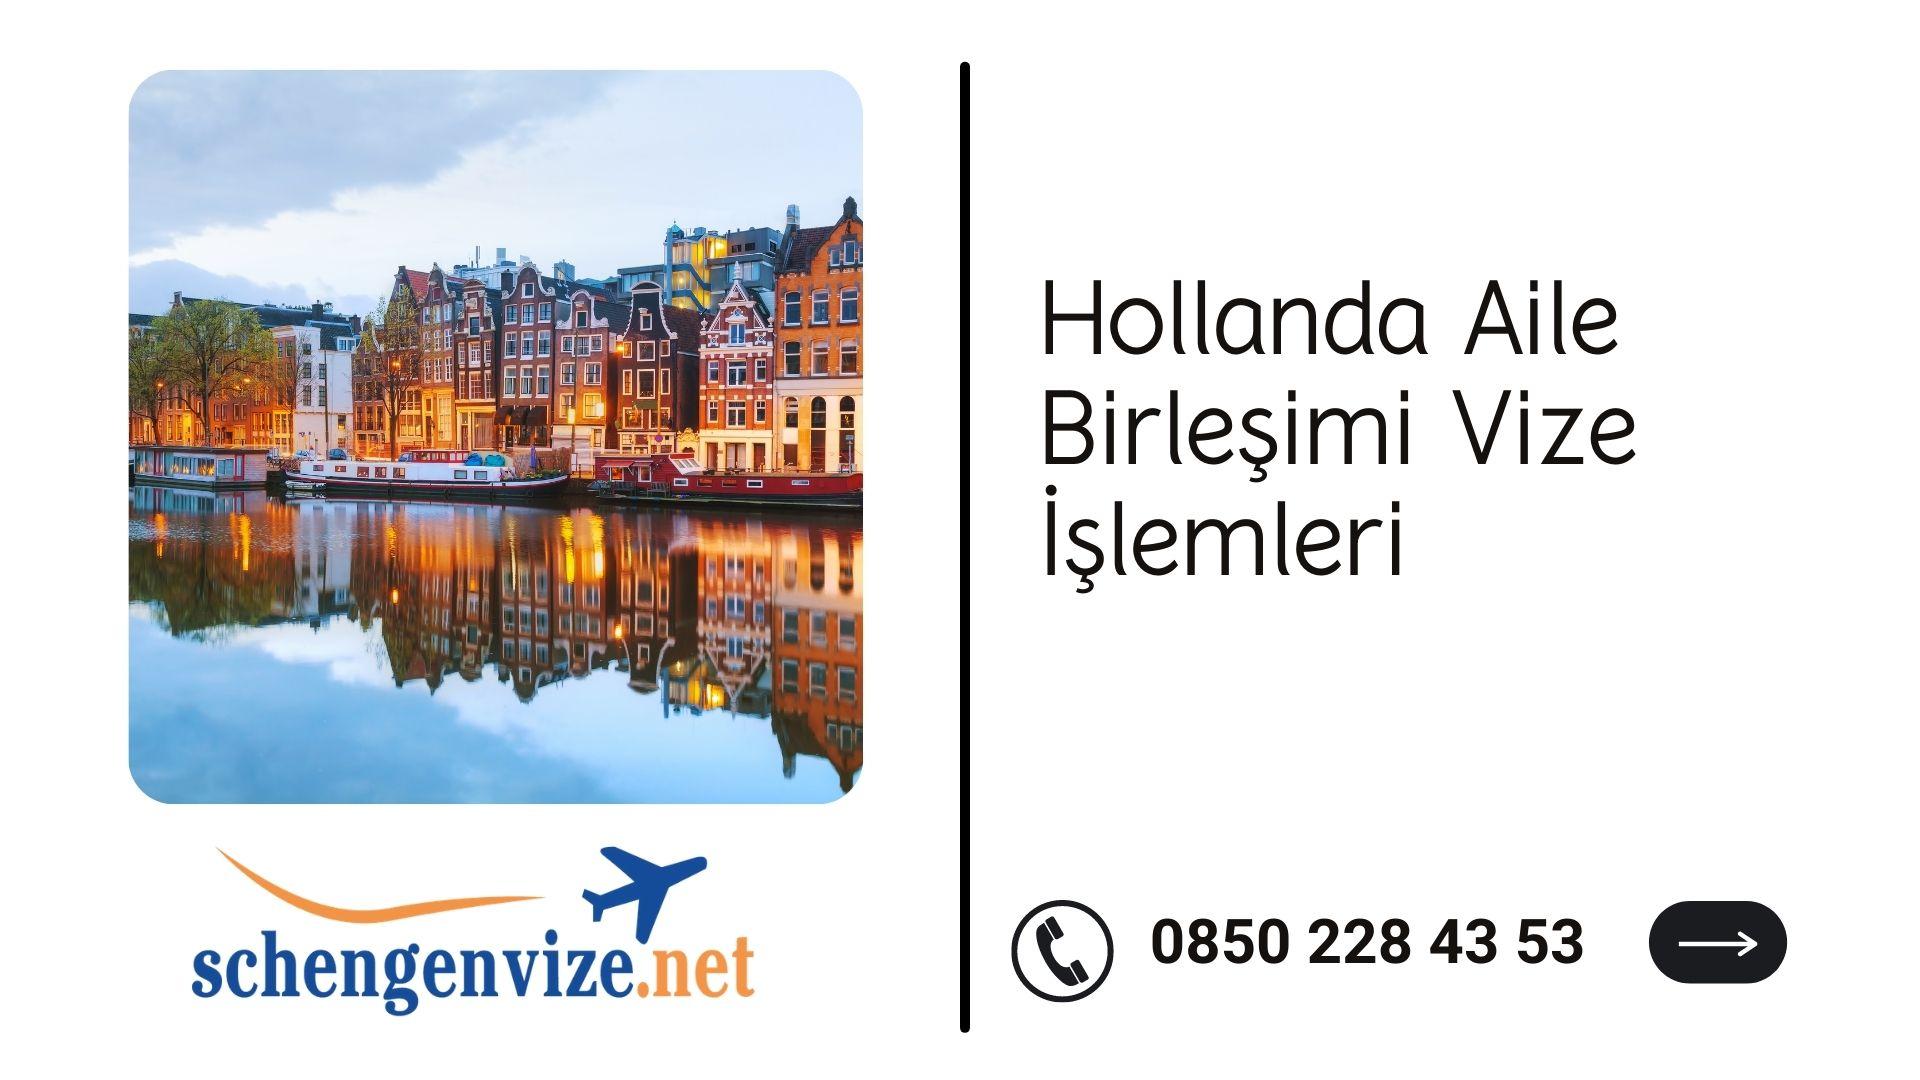 Hollanda Aile Birleşimi Vize İşlemleri